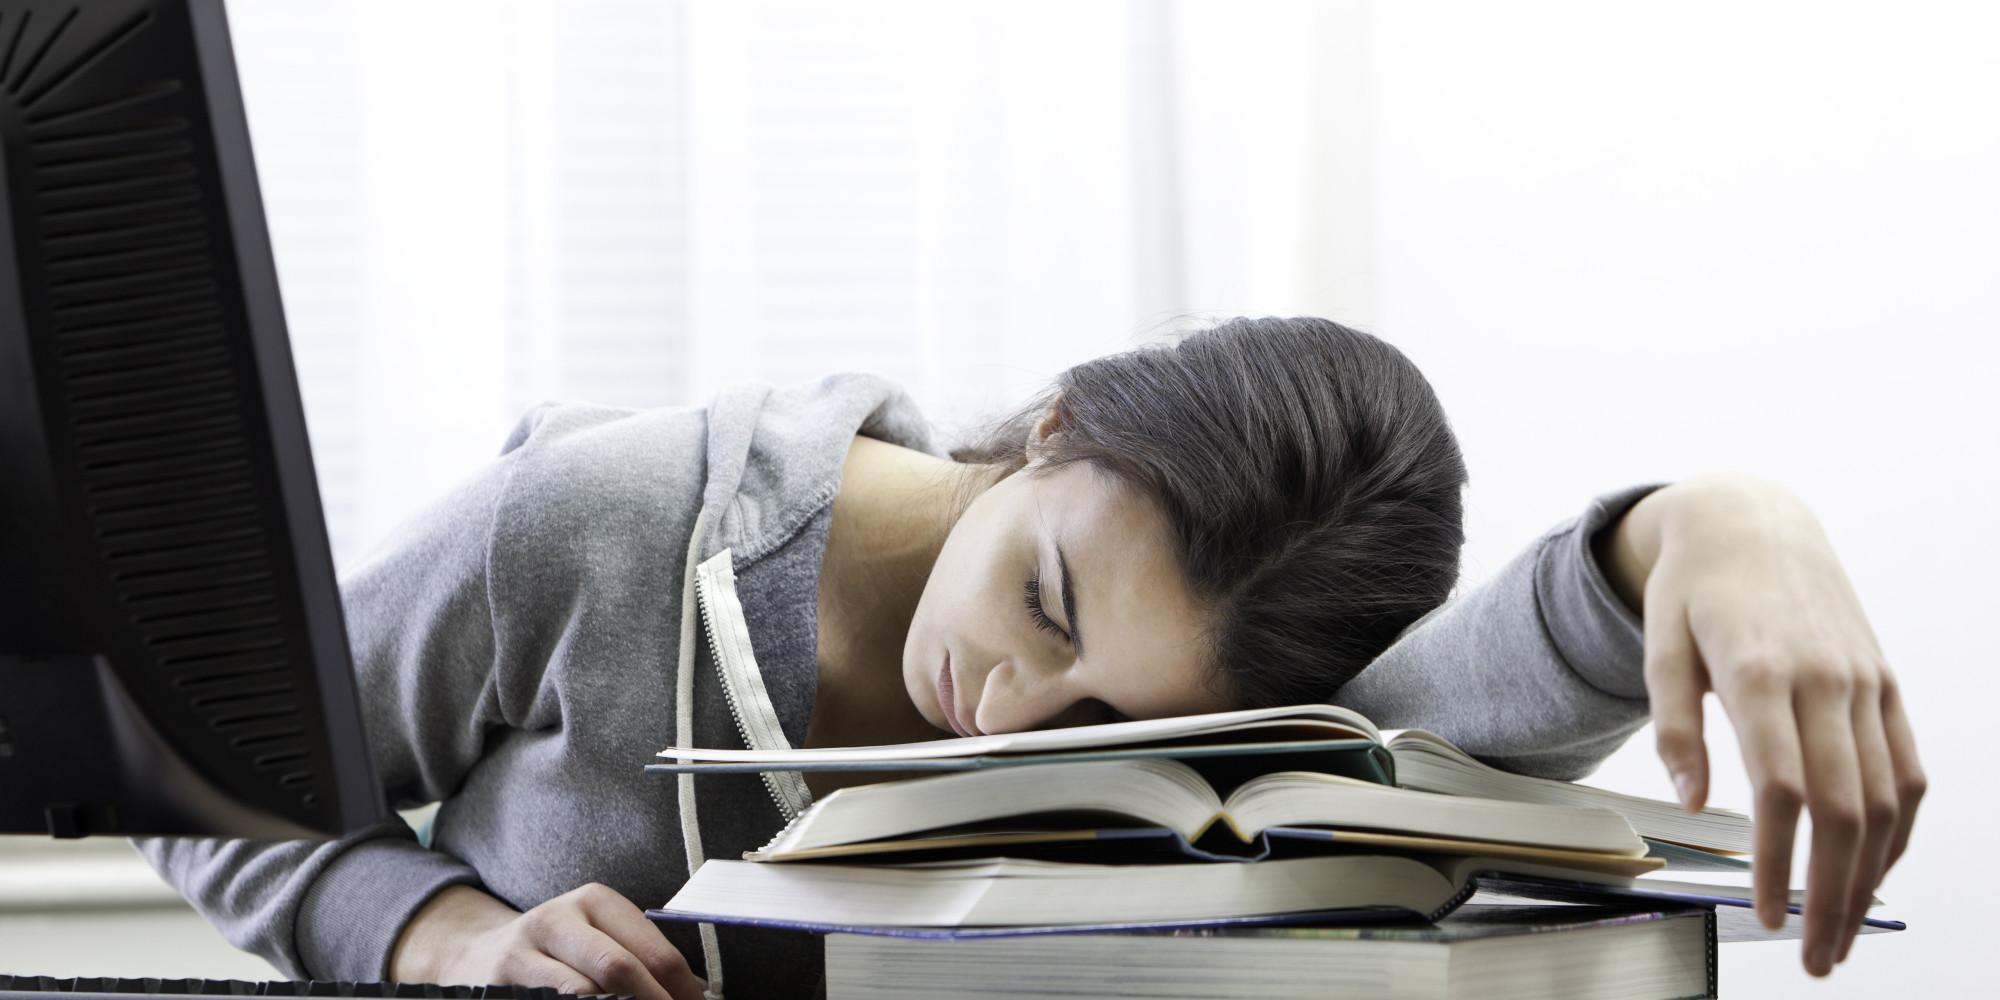 depressionen-stress-burnout-arbeit-hilfe-ursachen-heilung-vorbeugen-symptome-anzeichen